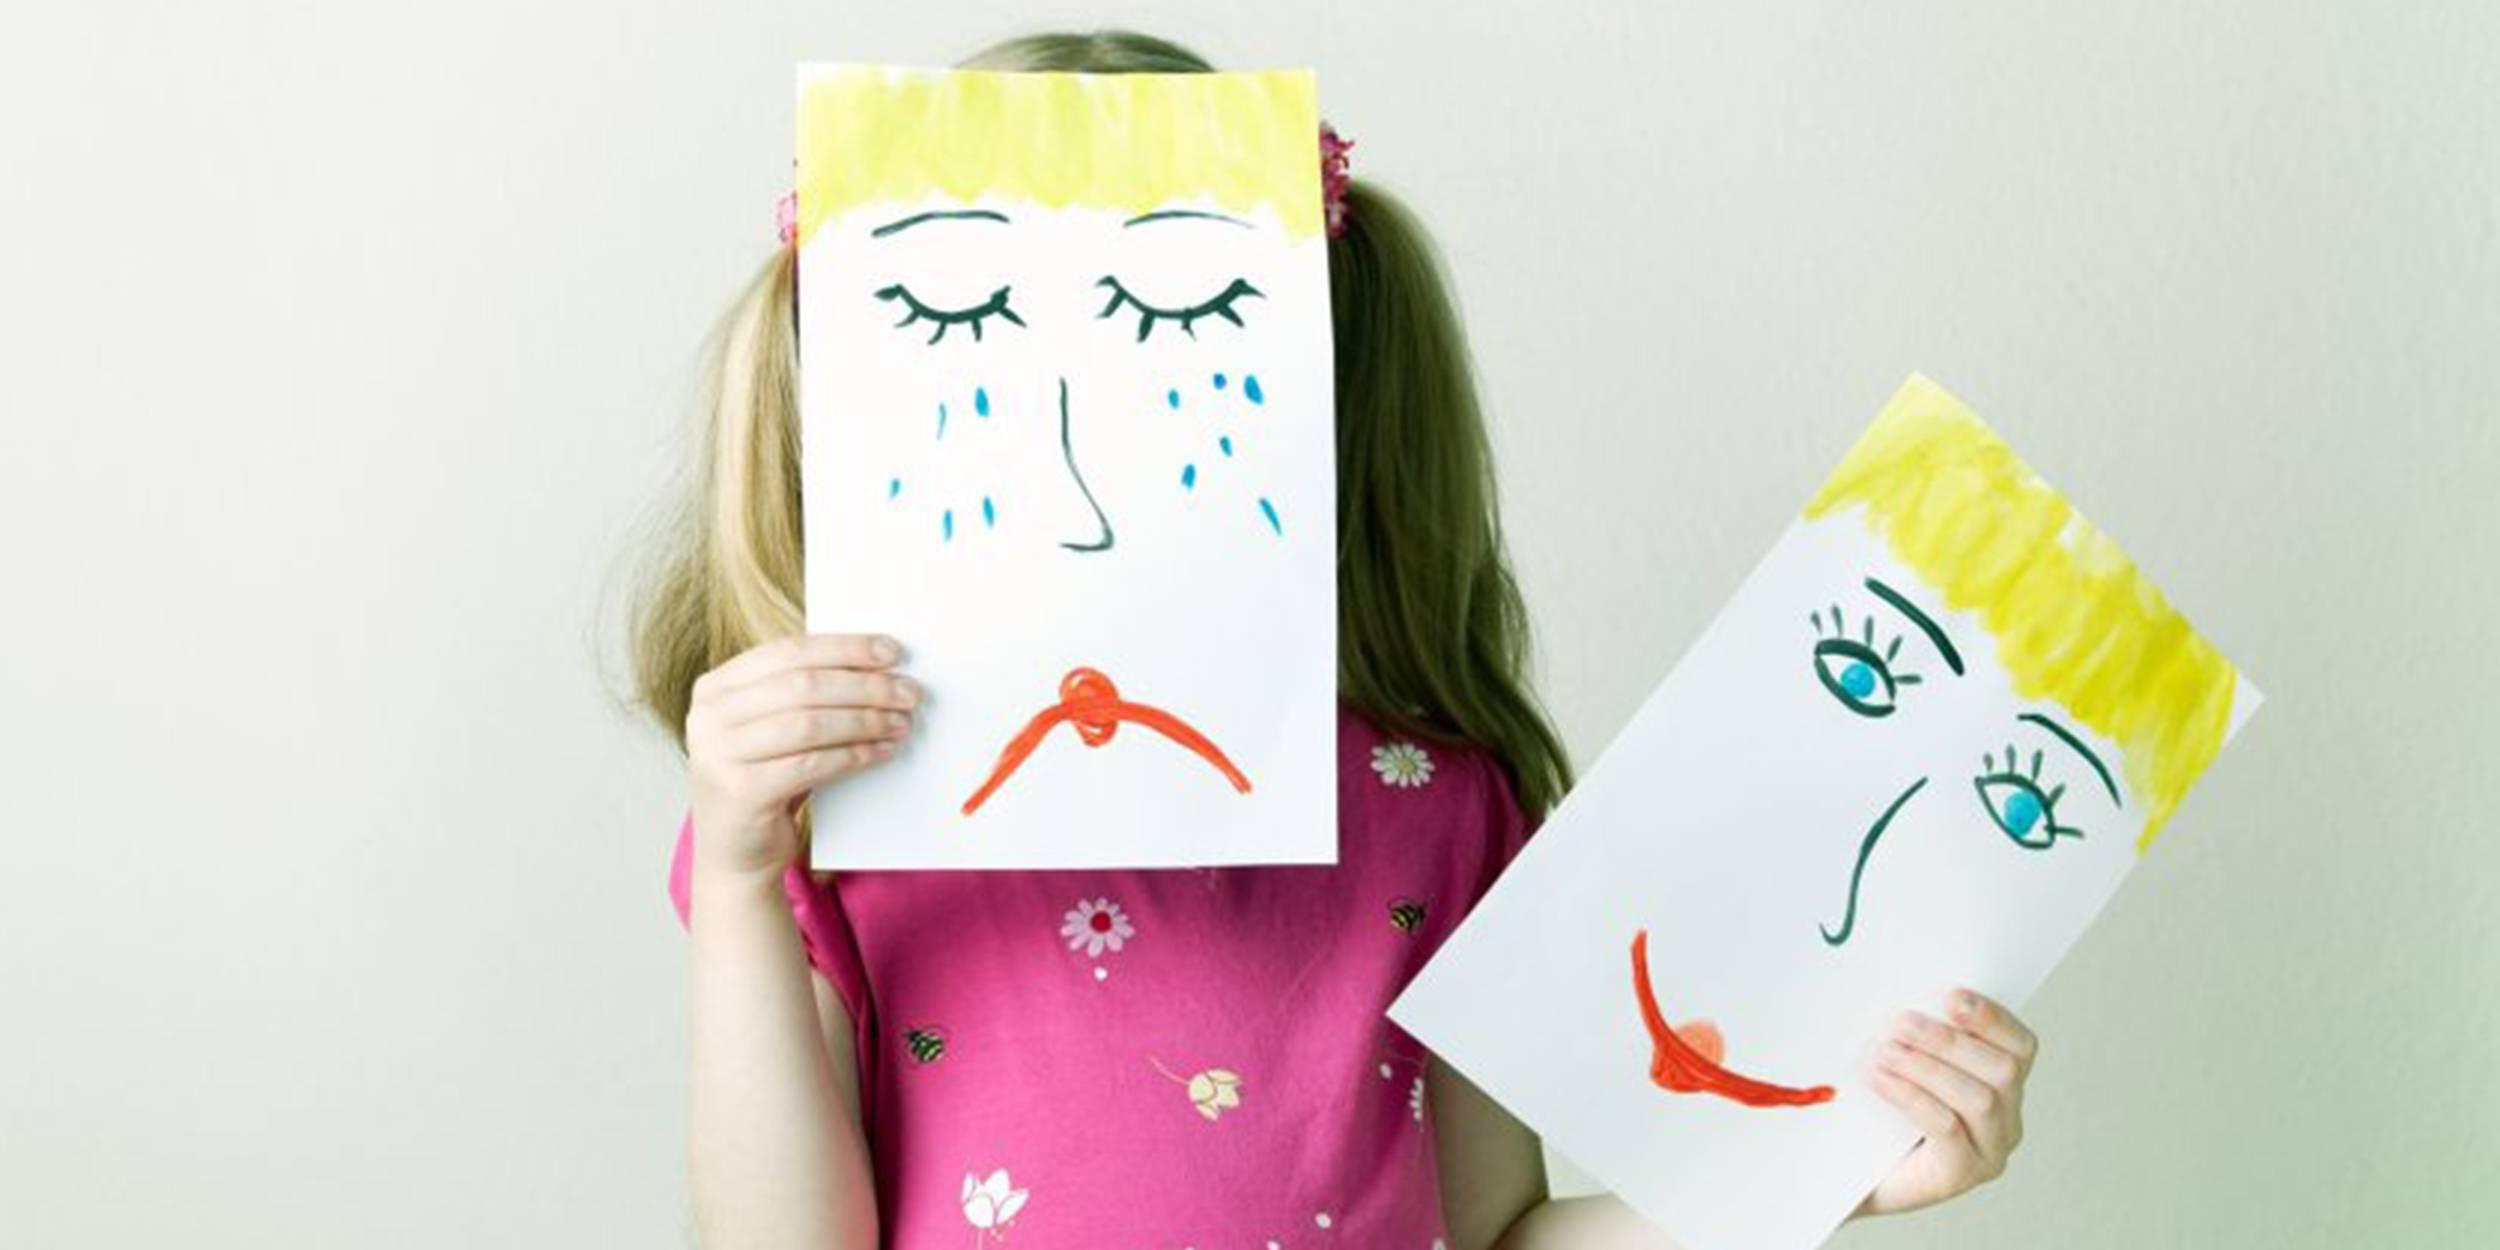 Урок 1. понятие и важность эмоционального интеллекта